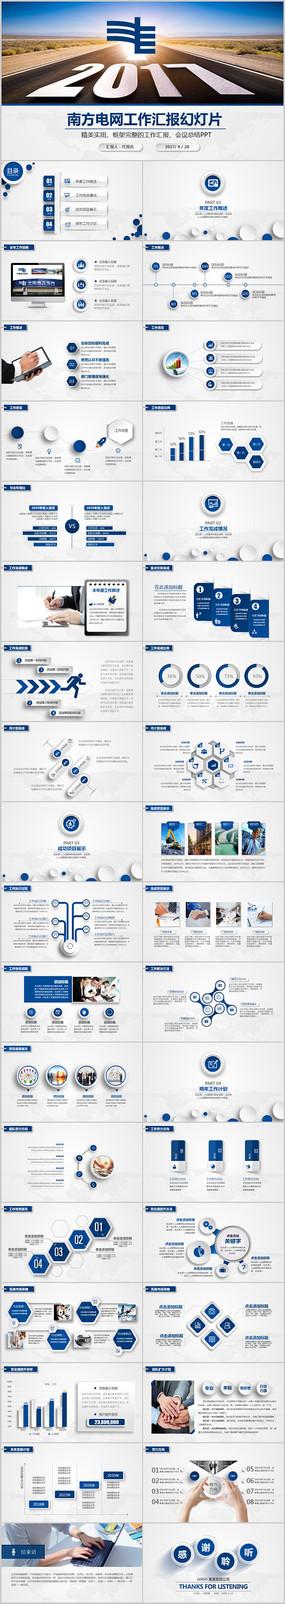 中国南方电网电力工作PPT